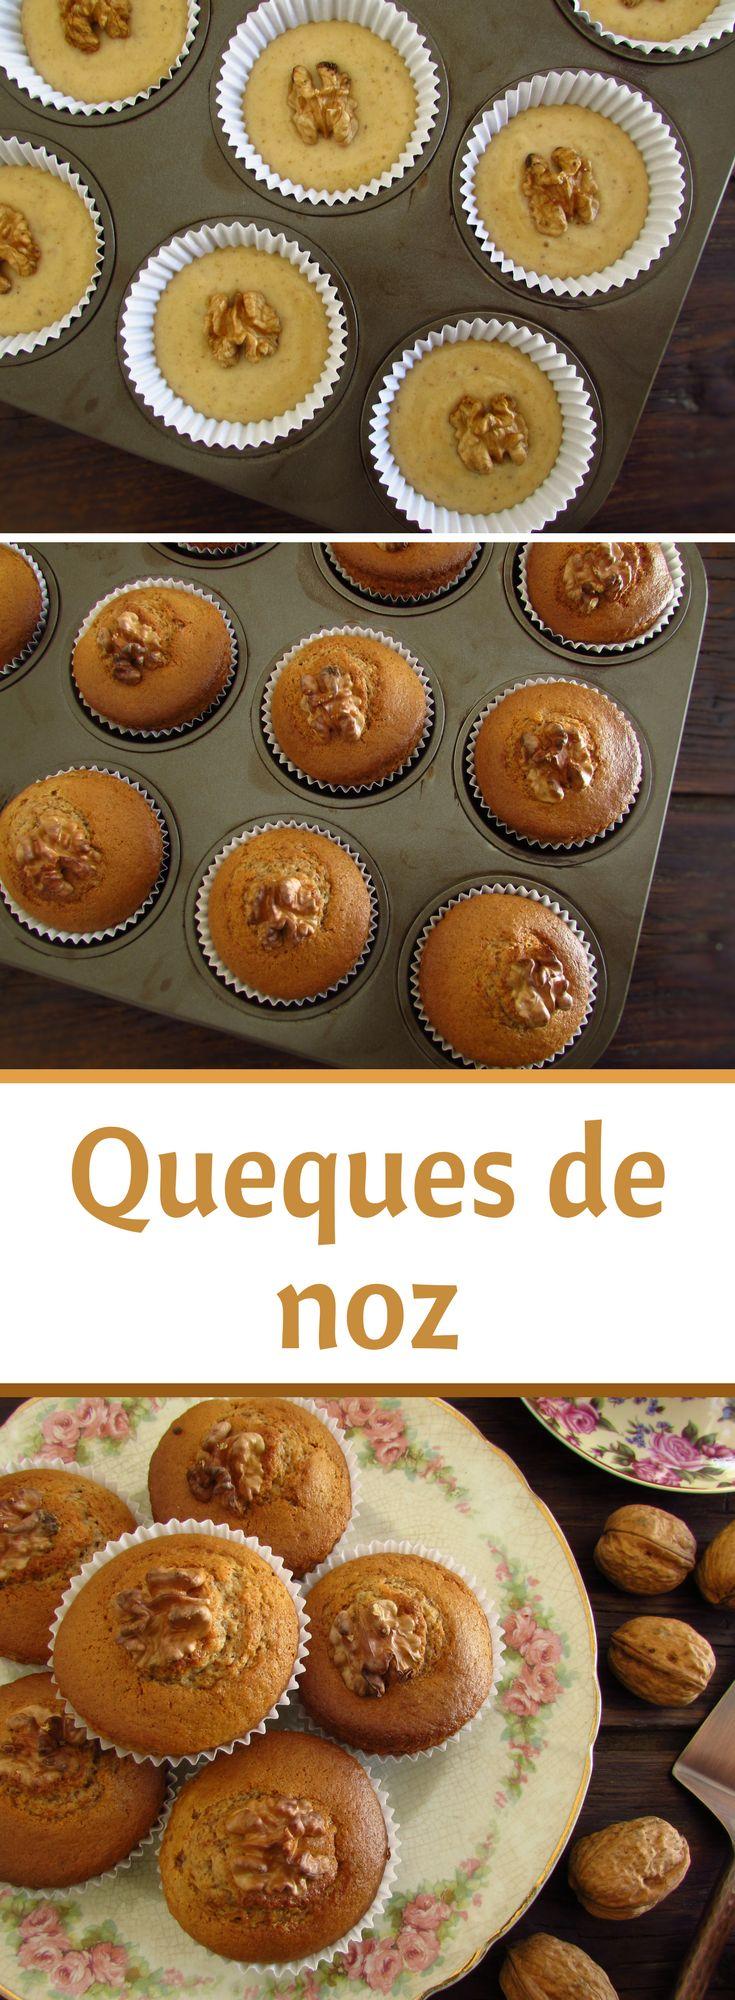 Queques de noz   Food From Portugal. Se gosta de frutos secos temos uma excelente receita para lhe apresentar, queques de noz! São bastante saborosos e têm uma apresentação fantástica! Numa festa entre amigos estes queques de noz vão fazer sucesso!! Atreva-se! #bolos #queques #receita #noz